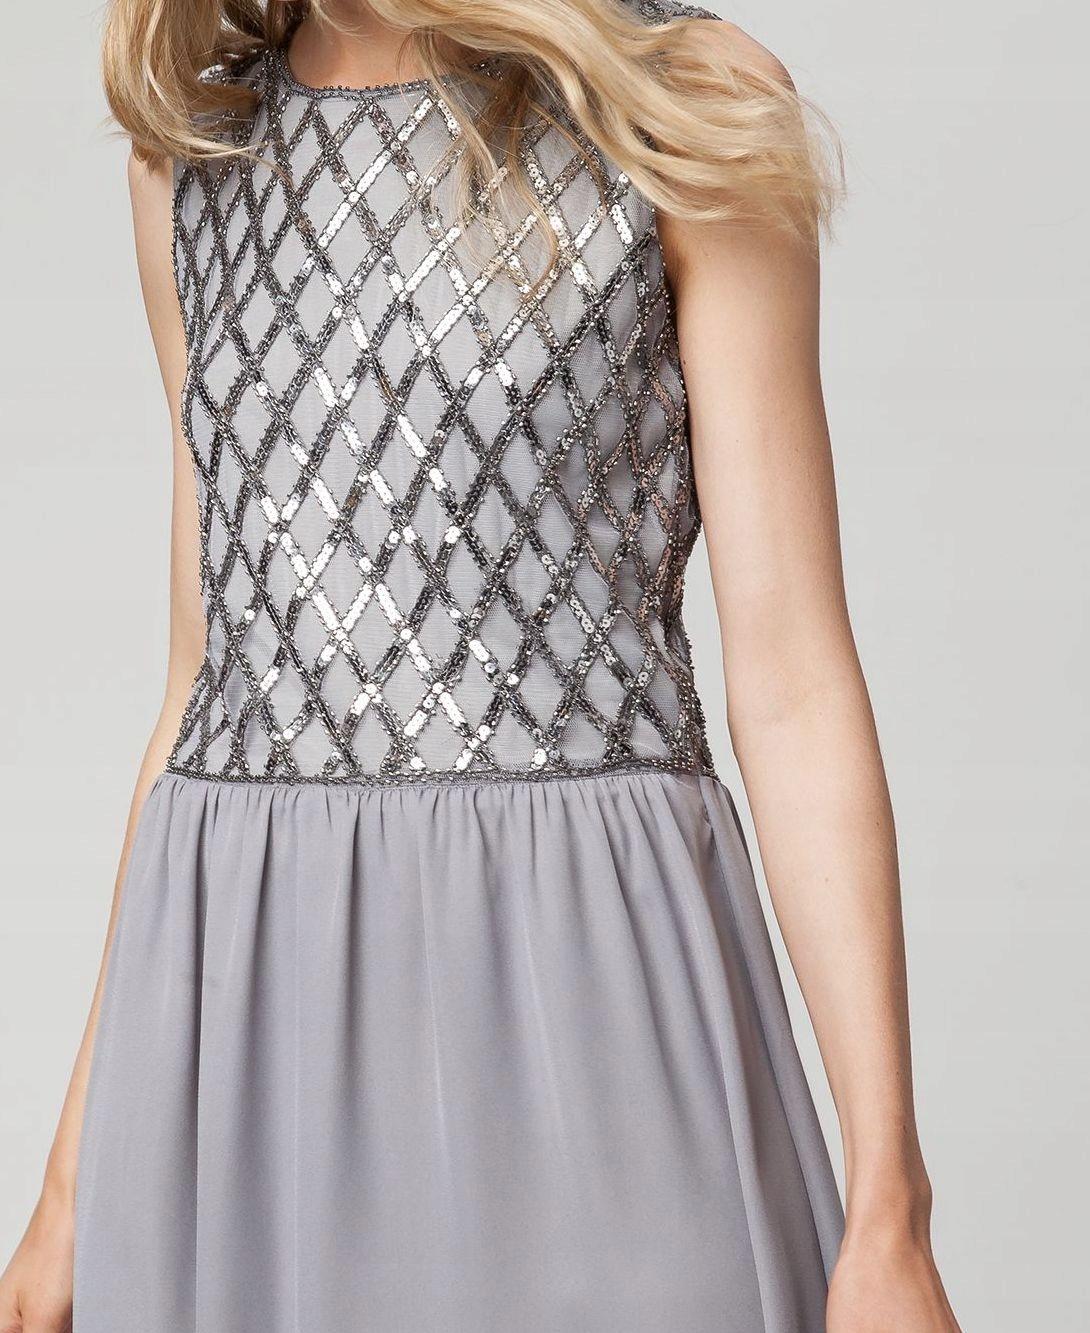 2e59a6e2 Sukienka Solar r. 36 nowa kolekcja jesień 2018 - 7695027106 ...